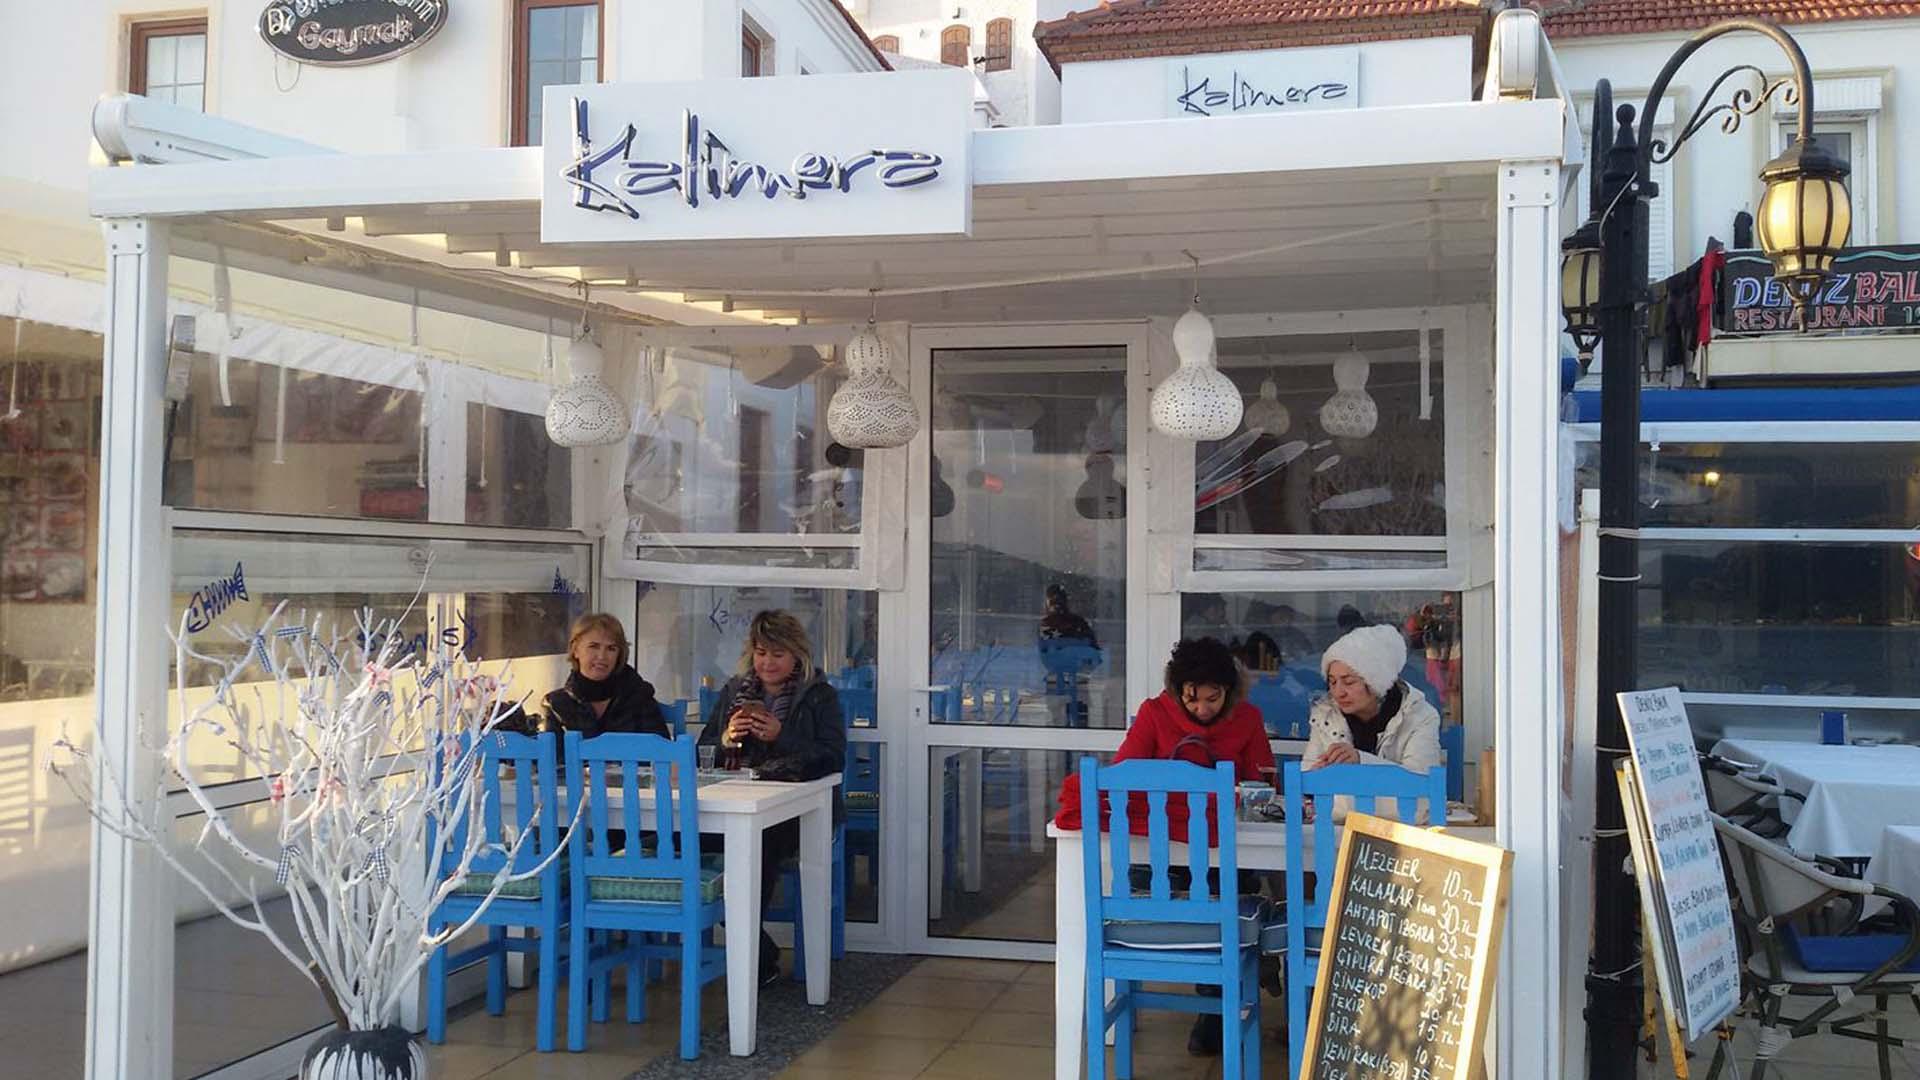 kalimera restoran marmaris yat limanı